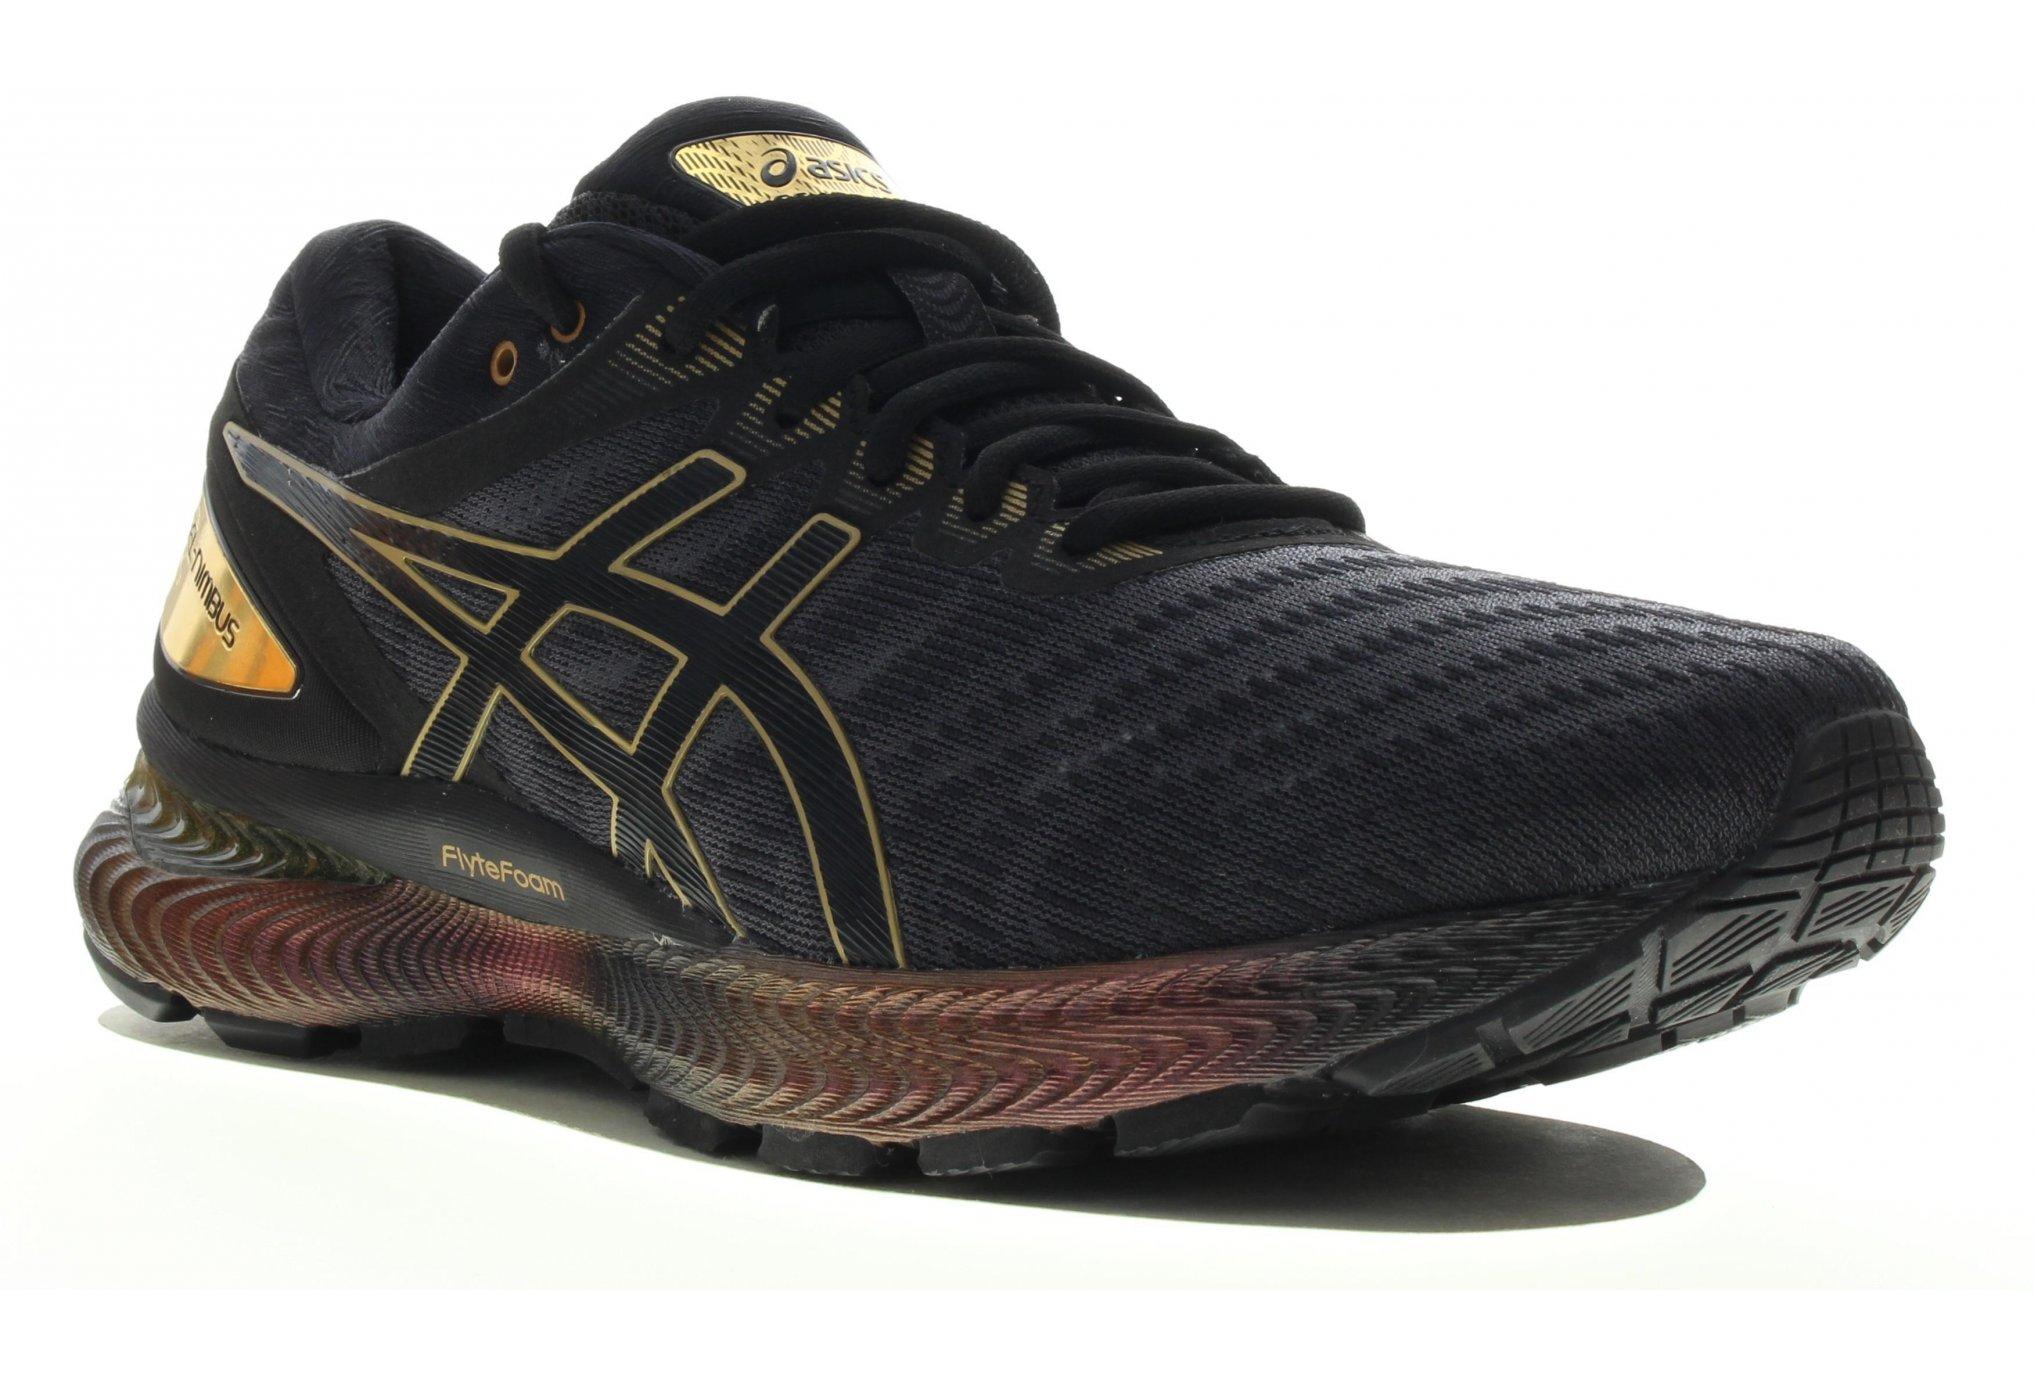 Asics Gel-Nimbus 22 Platinum Chaussures homme